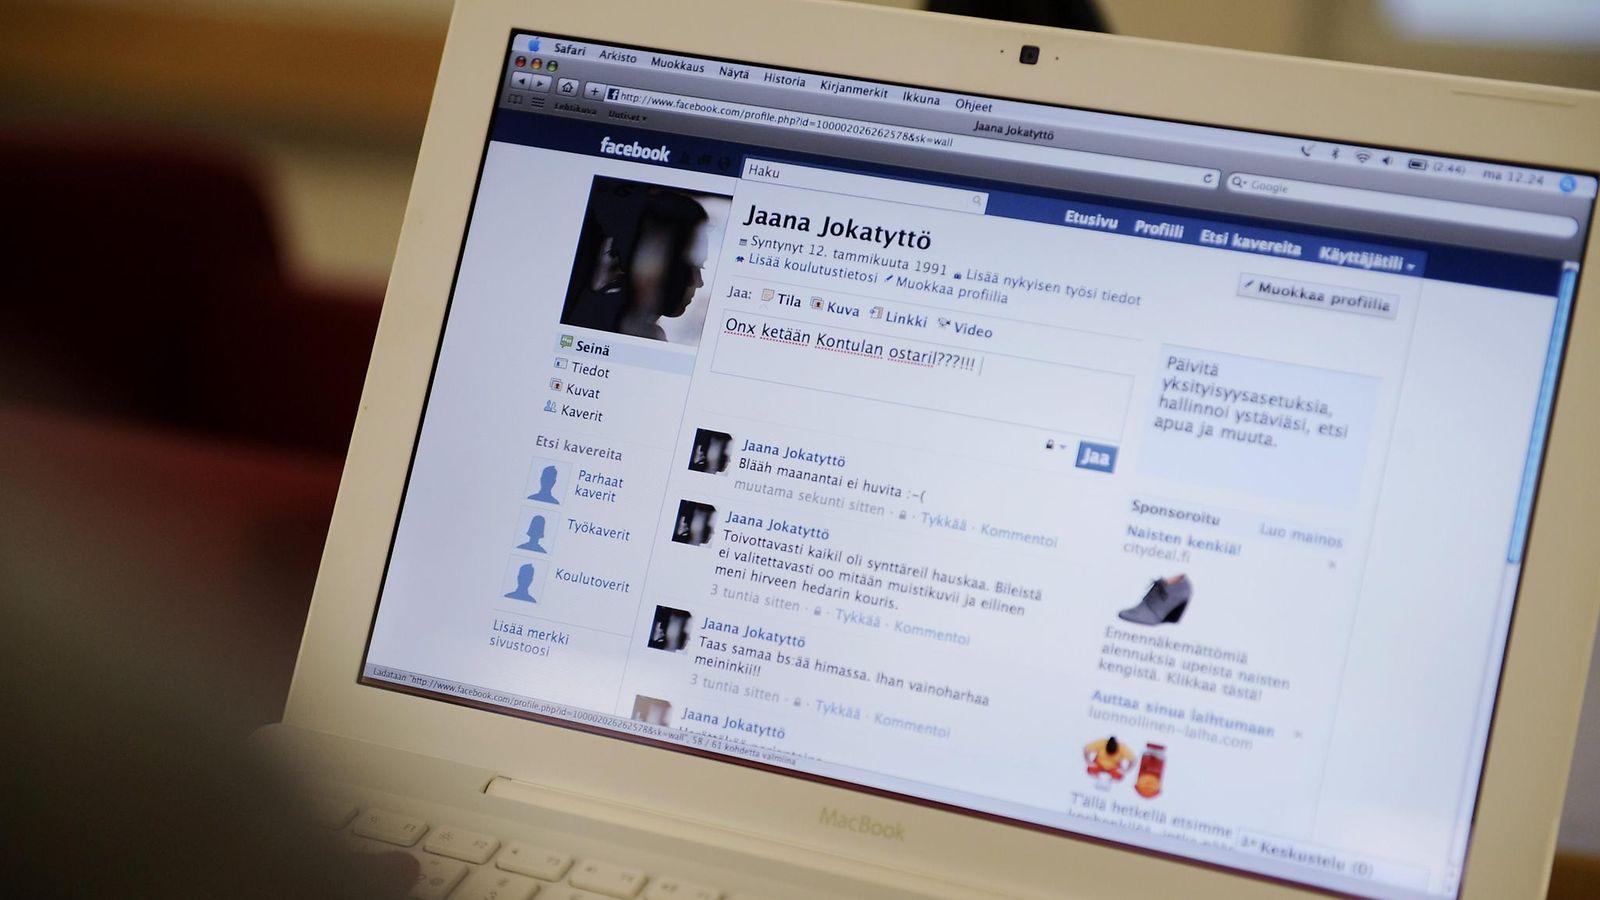 Facebook Uloskirjautuminen Ei Onnistu